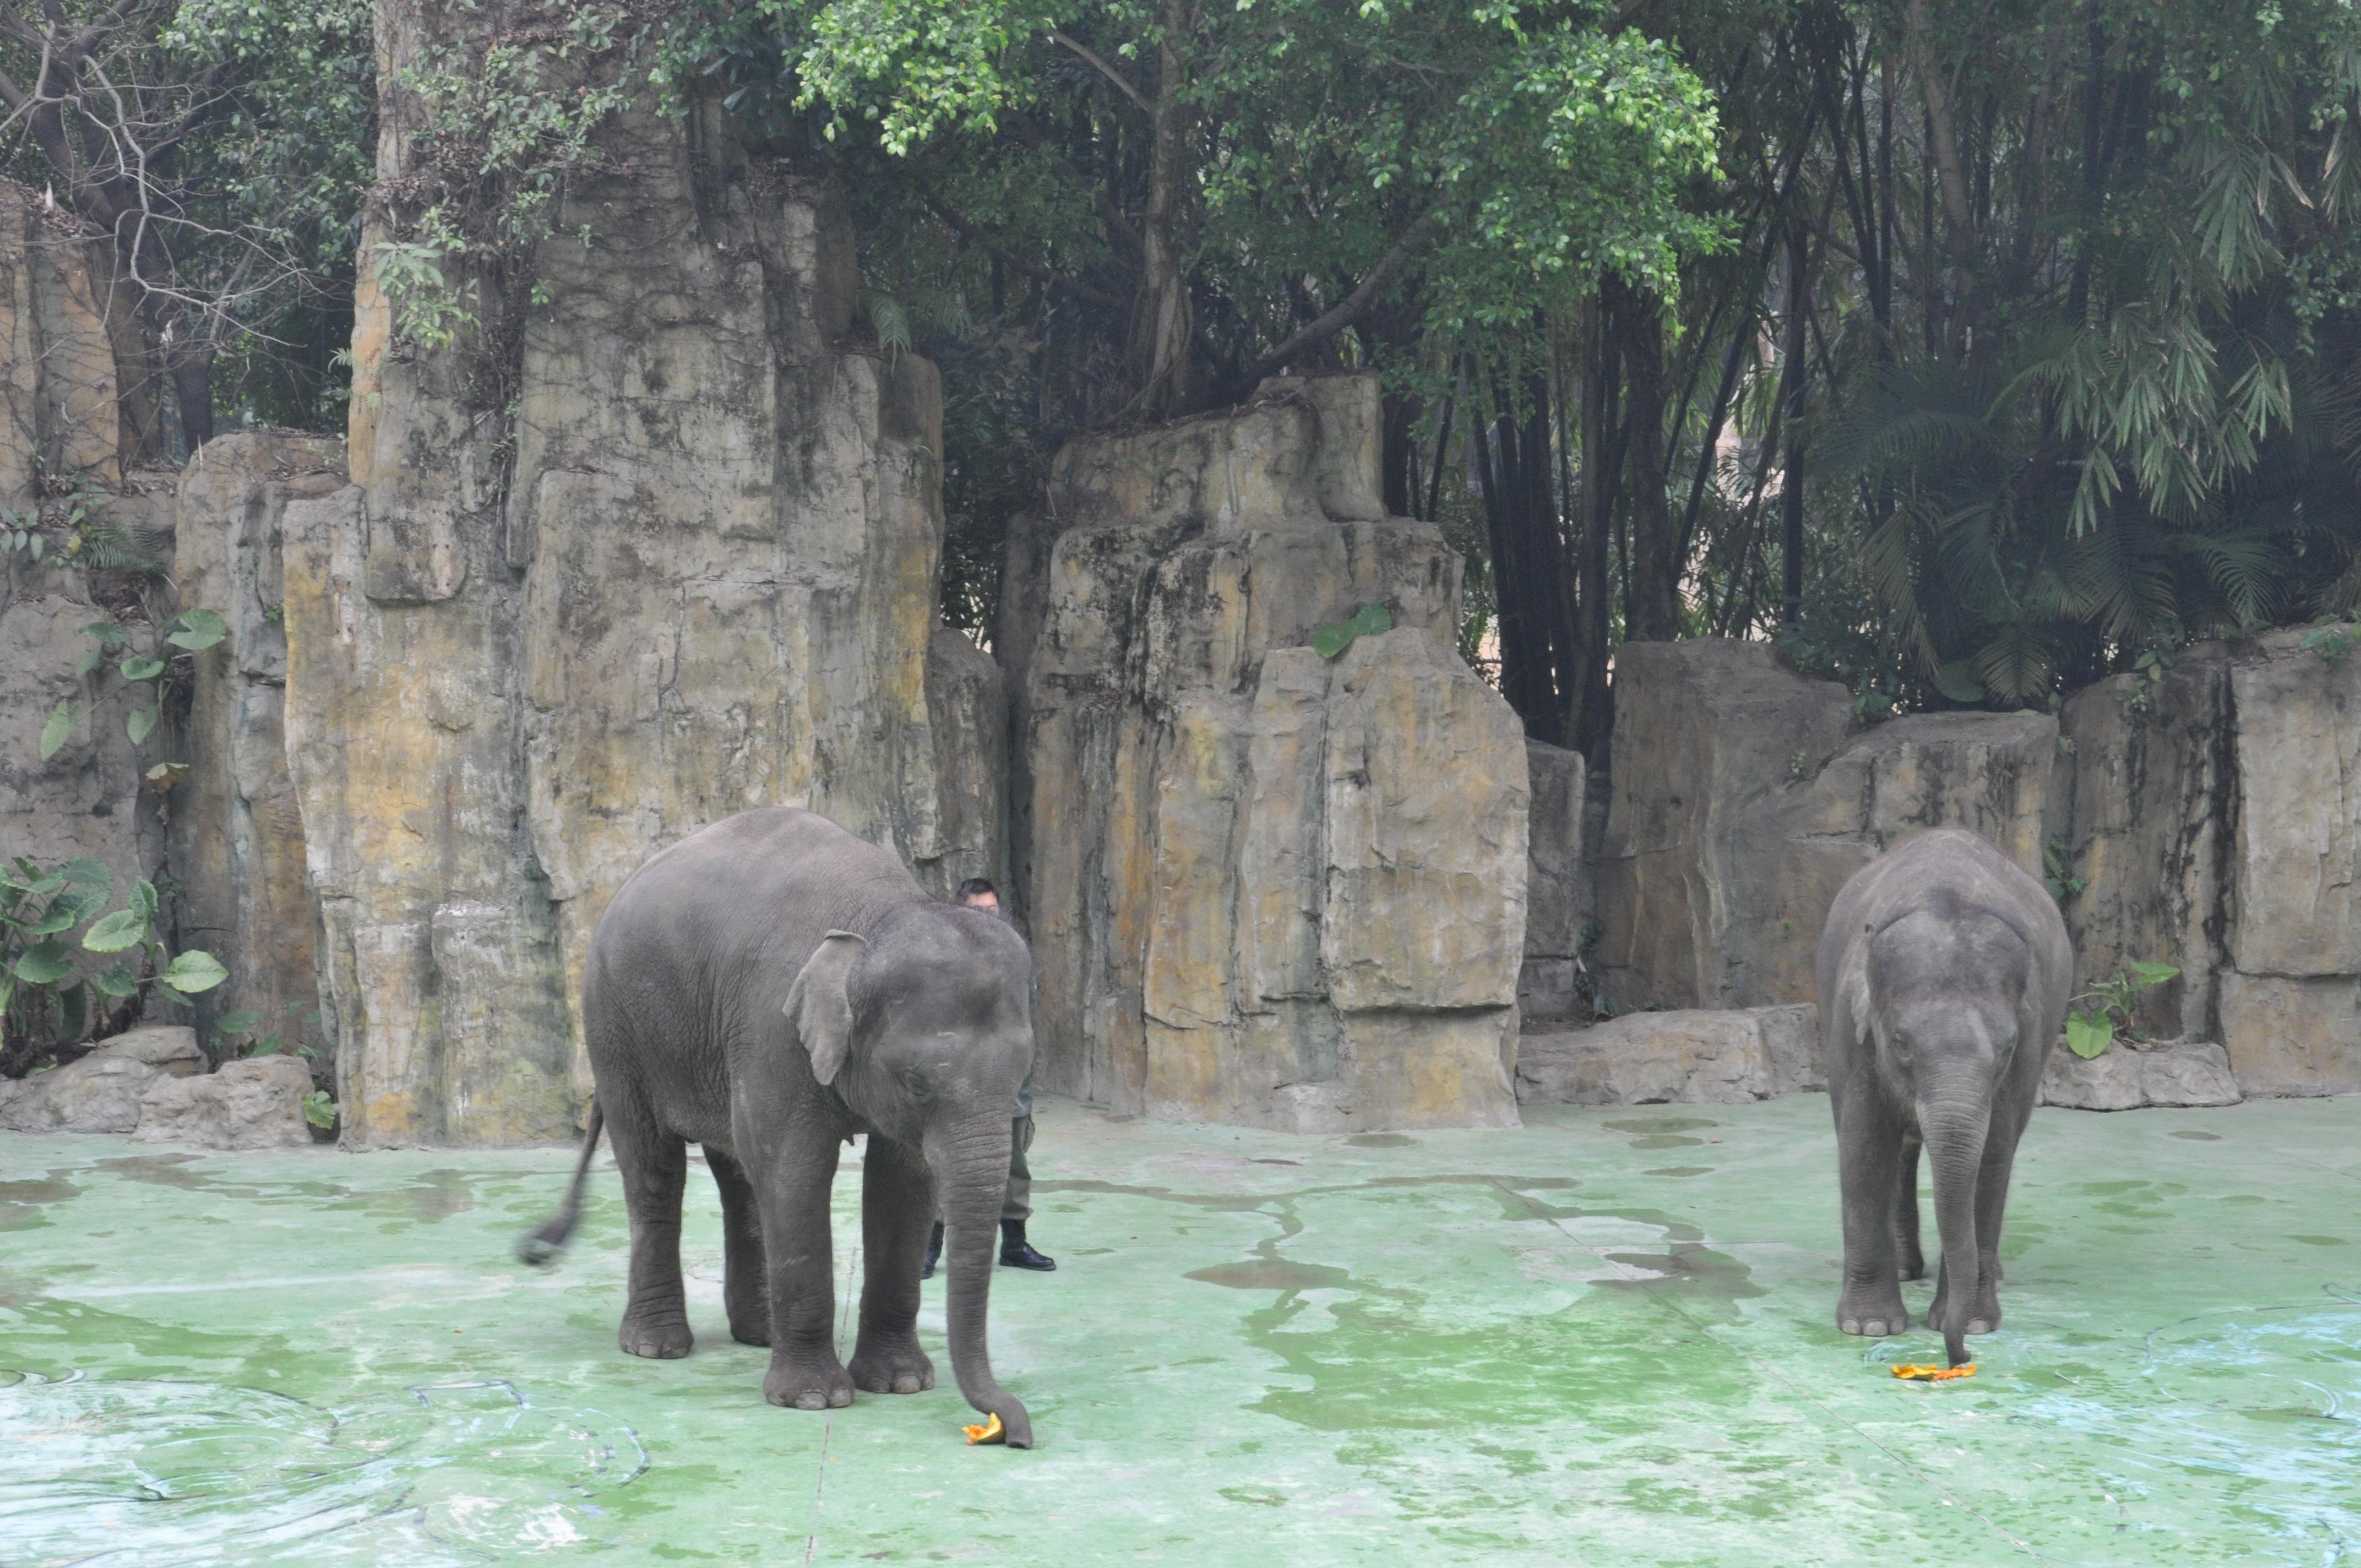 长隆野生动物园 - 广州游记攻略【携程攻略】